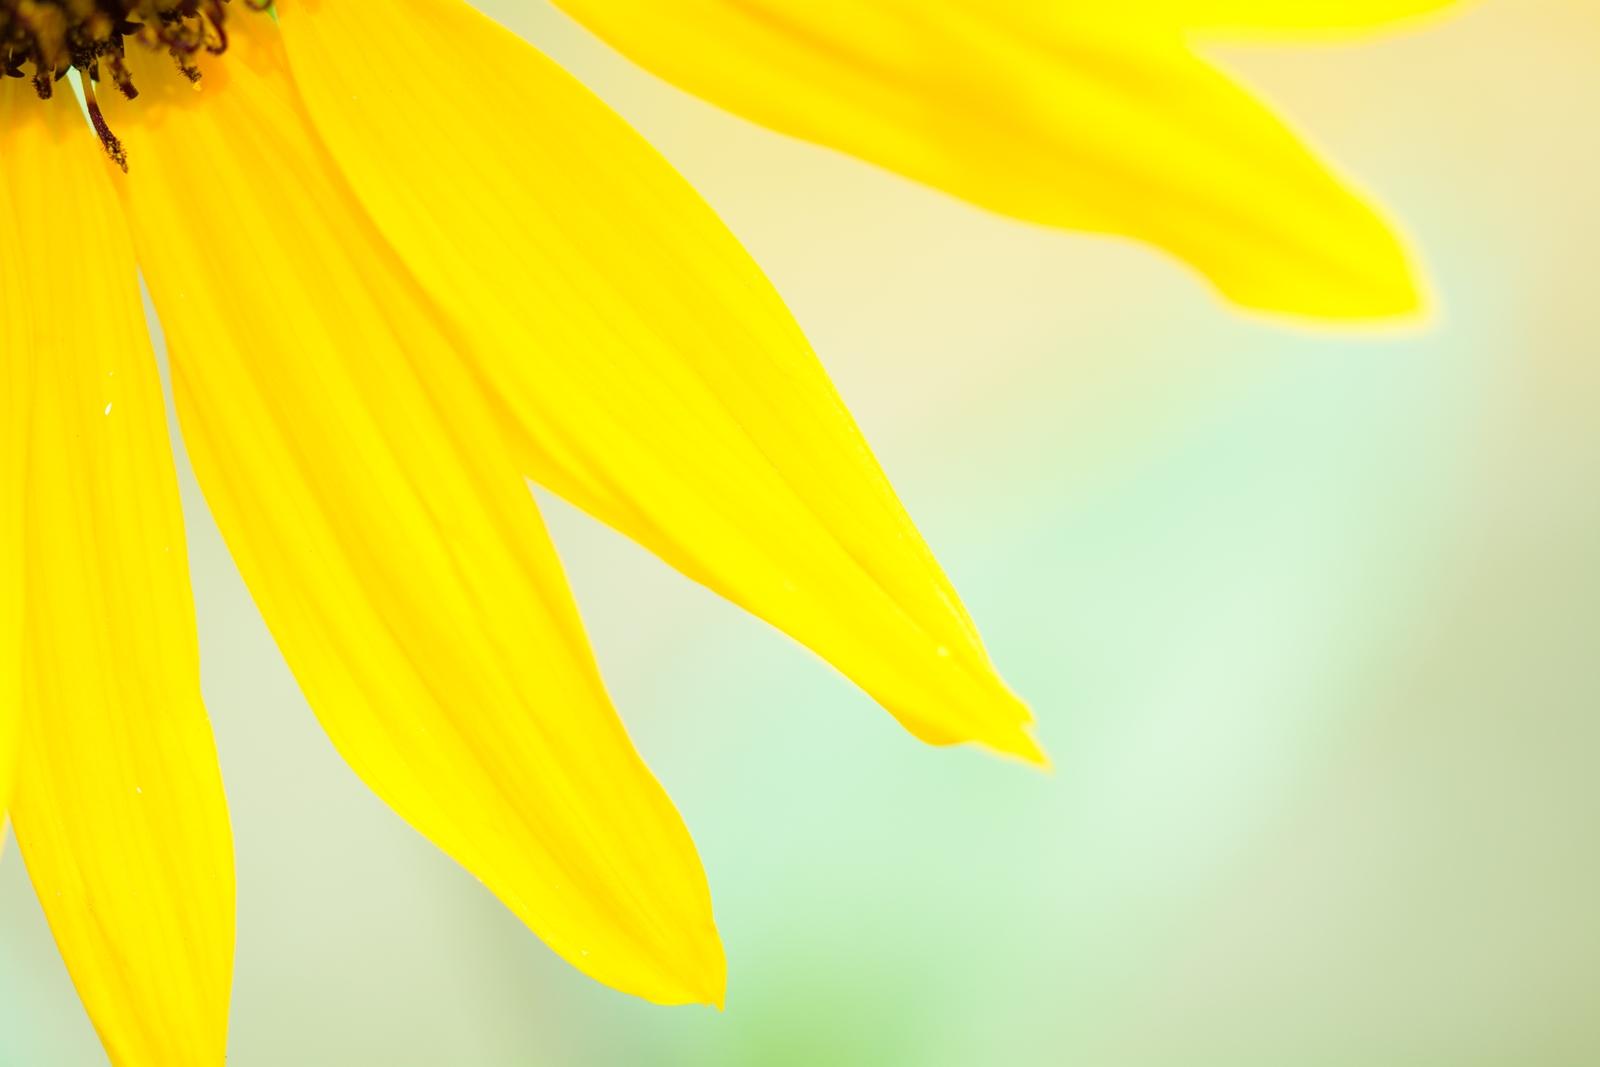 Photo: 夏にグッパイ Goodbye to summer.  夏の終わりに咲いていた 小さな向日葵たち 小雨日和の曇り空でも 元気いっぱいに笑顔を振り撒く 夏にグッパイ また次の季節に  Photo of Small sunflower. (砧公園のちいさな向日葵) Nikon D7100 MACRO 105mm F2.8 EX DG OS HSM #cooljapan #100tokyo #365cooljapanmay #東京フォト #tokyophoto #GPlusPhotoWalkJapan [ Day141, September 30th ] (4枚追加:Added 4 photo) 4枚目はおまけでチェリーセージとシジミチョウです。